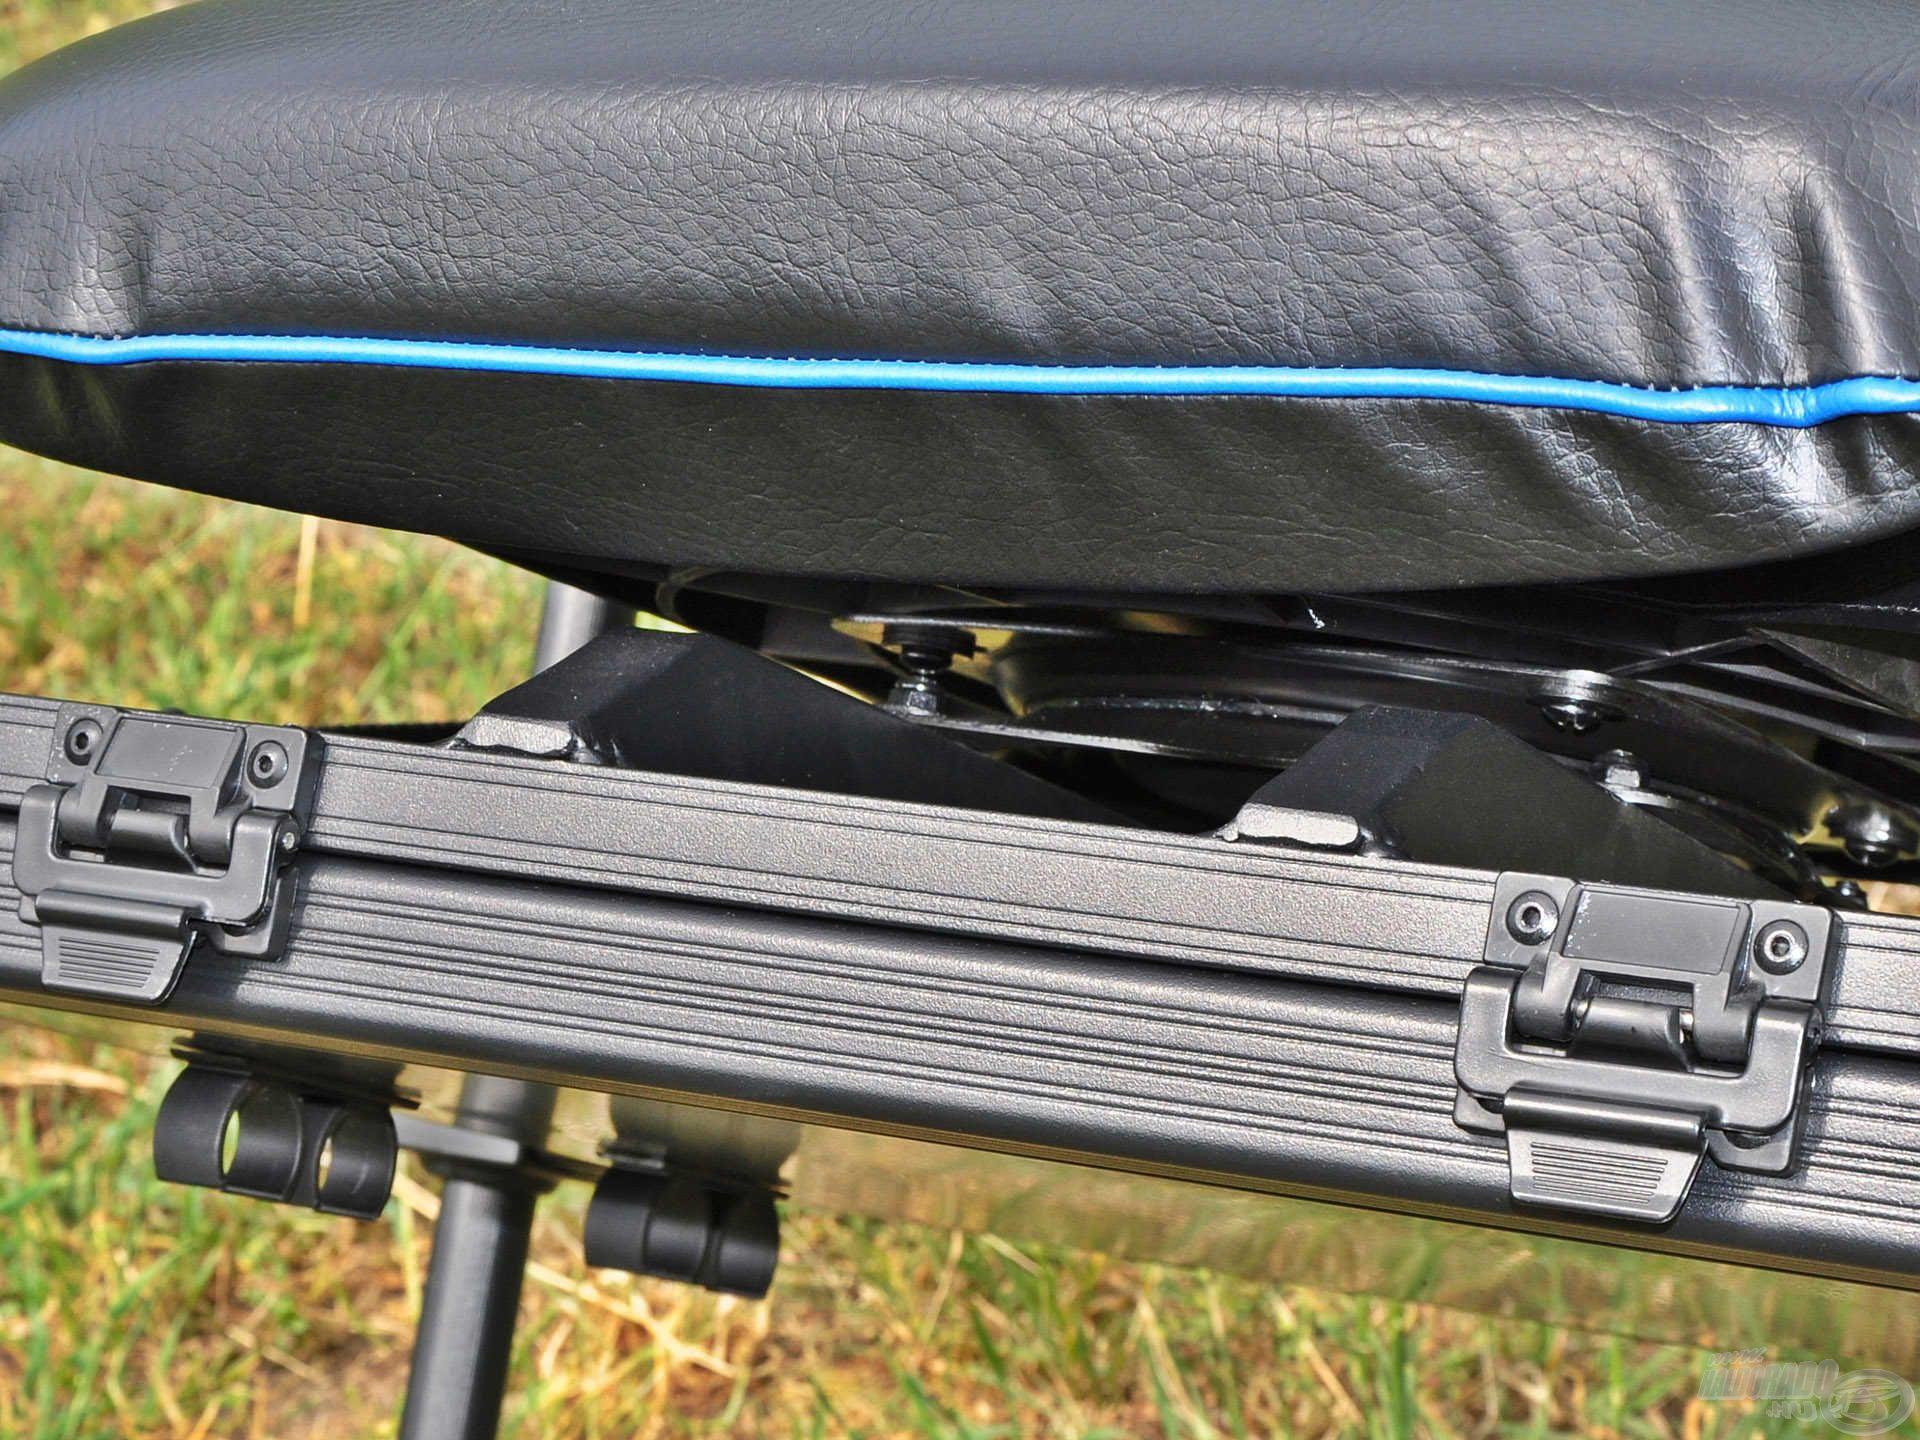 A szerelékes rekesz felett található a speciális ülésrögzítő rendszer…